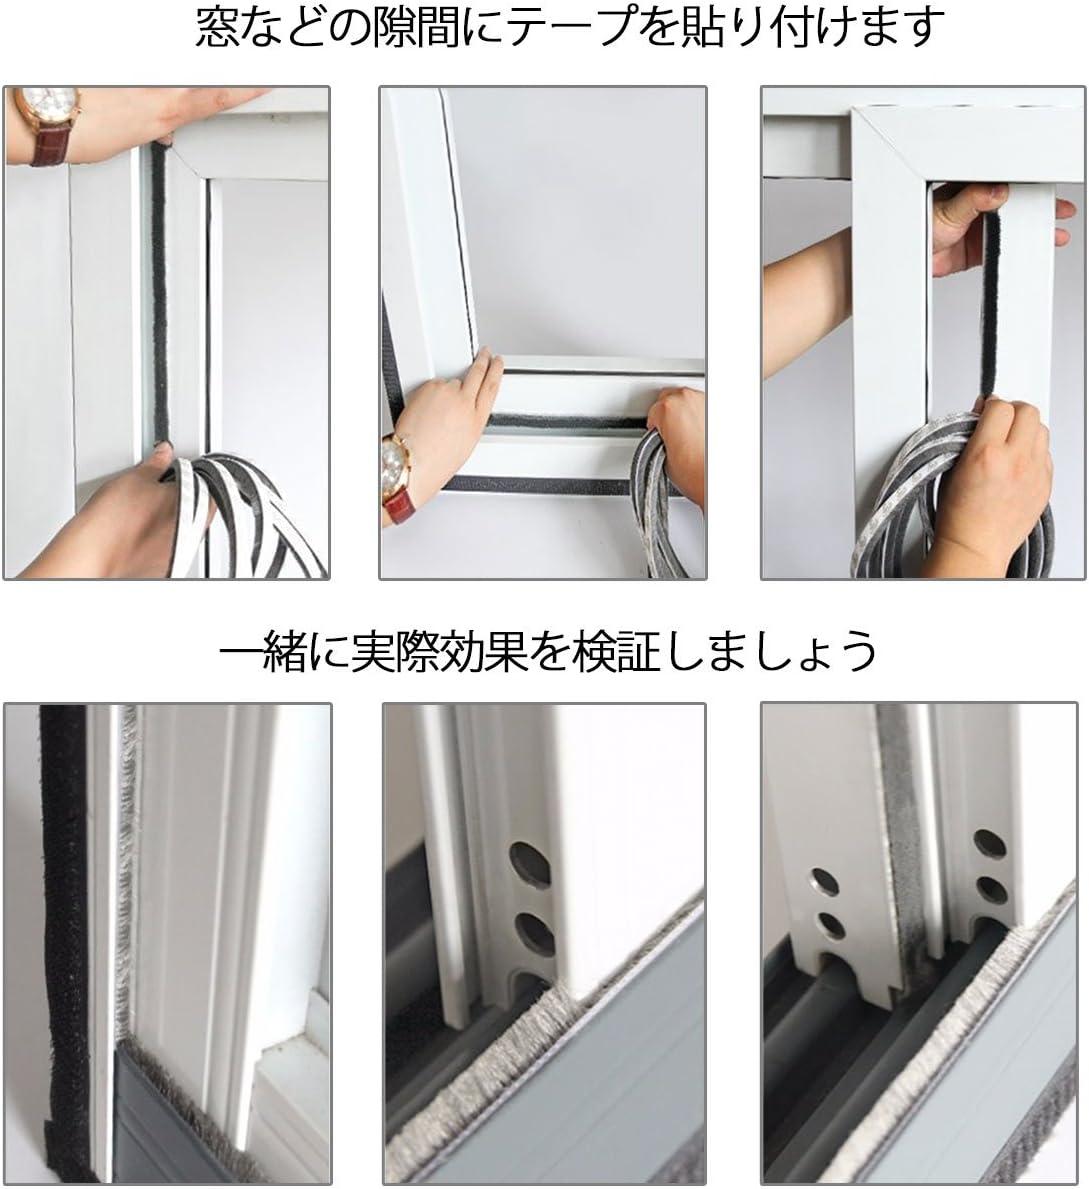 テープ 網戸 隙間 網戸の隙間テープの貼り方の方法や虫が入ってこないようにする注意点は?